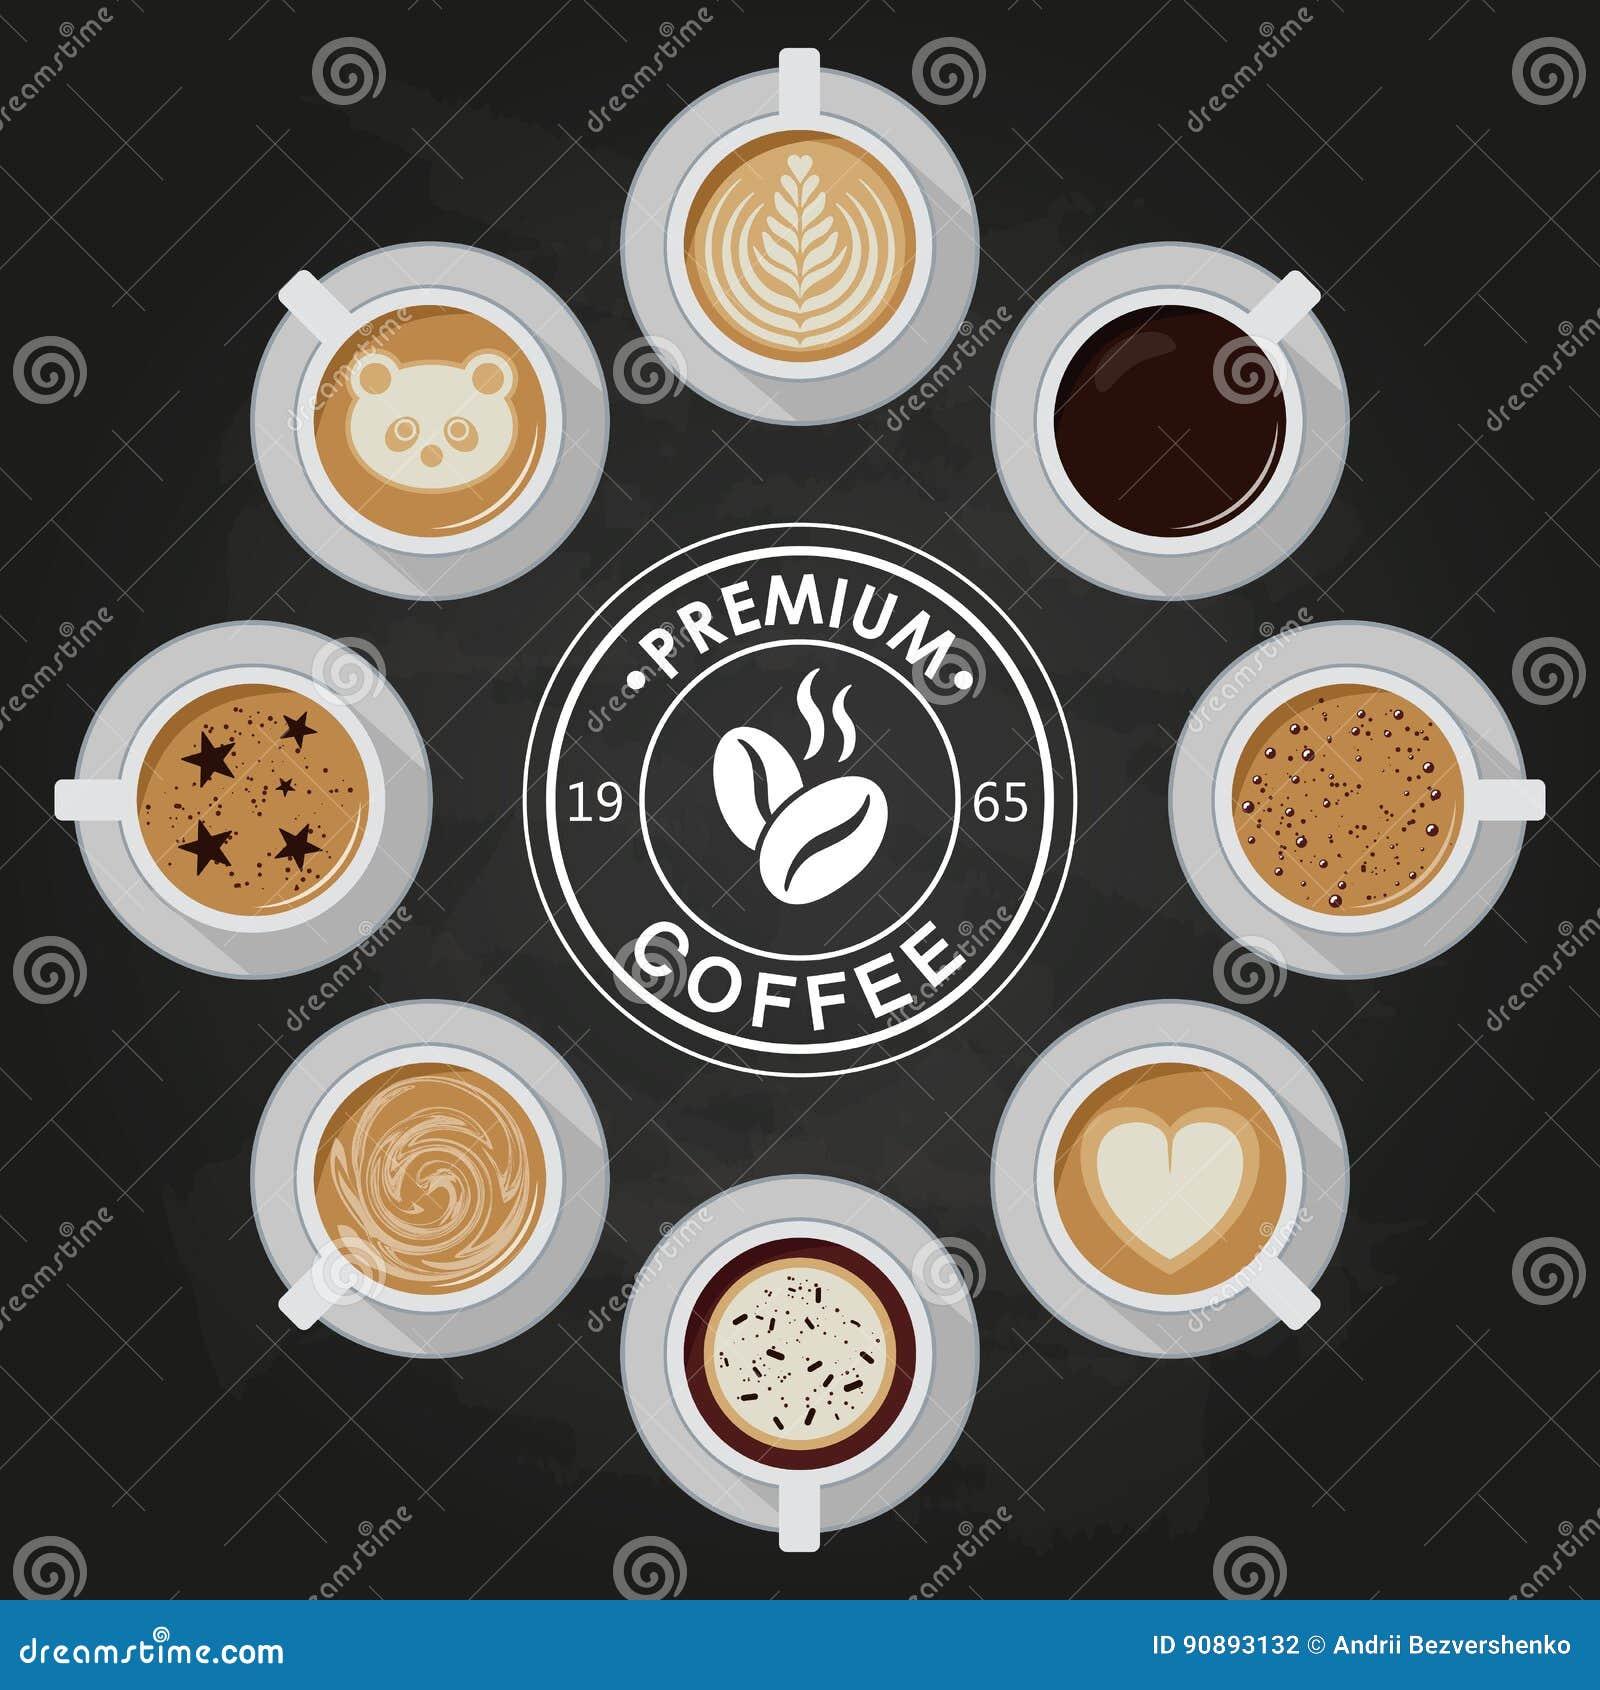 Premium Coffee cups, americano, latte, espresso, cappuccino, macchiato, mocha, art, drawings on coffee crema, view top